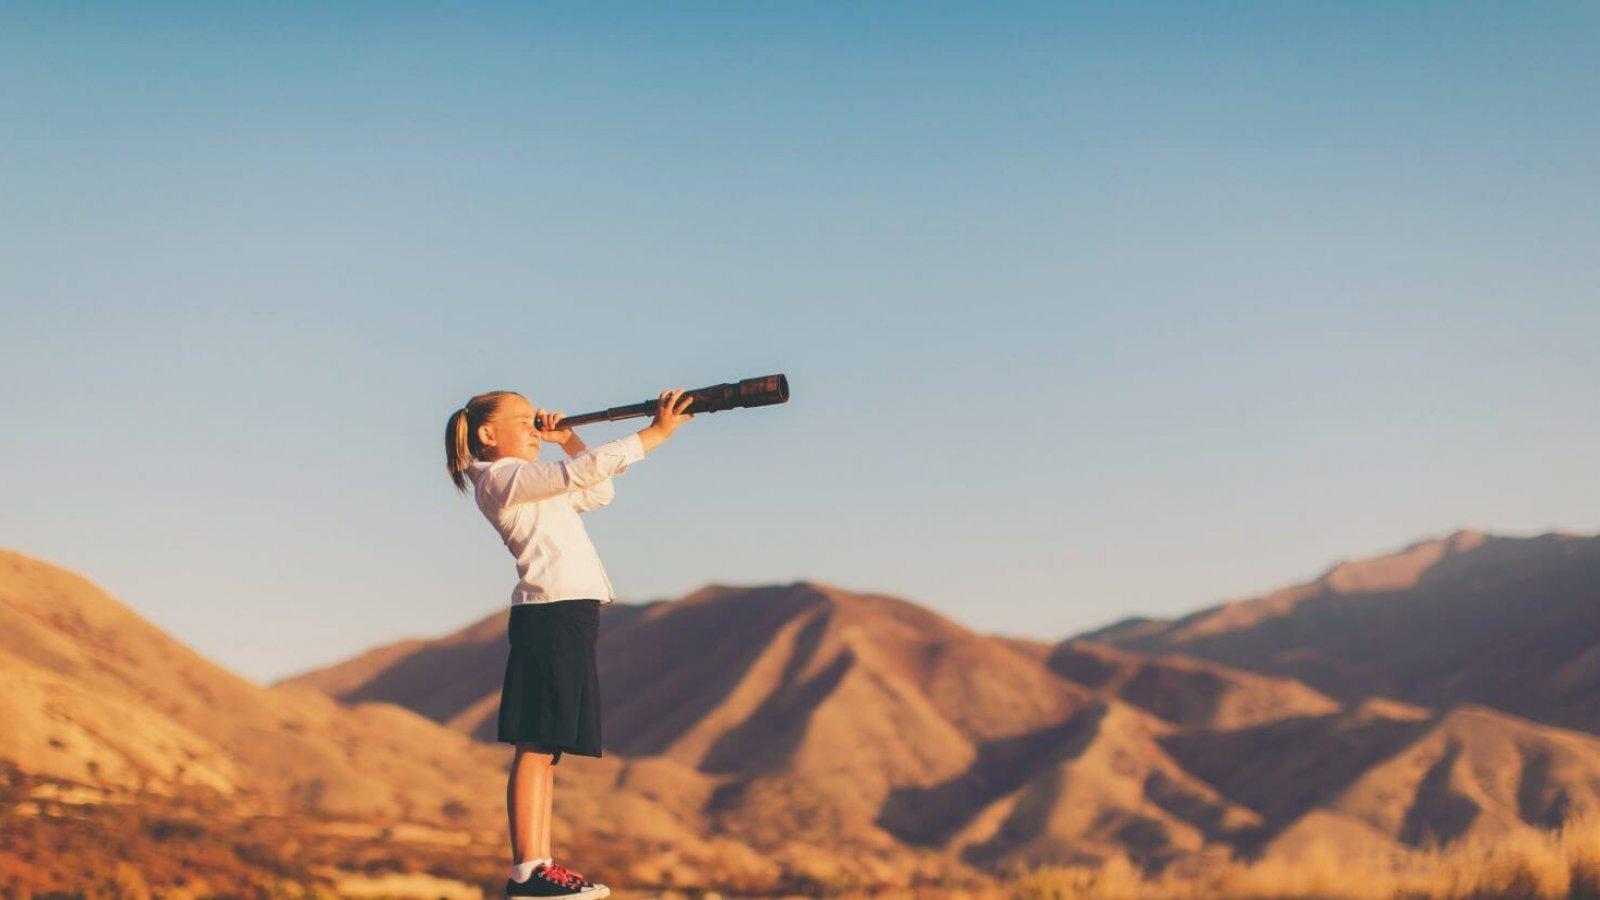 Mädchen mit weißer Bluse und schwarzem Rock blickt mit Fernrohr über Wüste und Berge - Triple-A AG